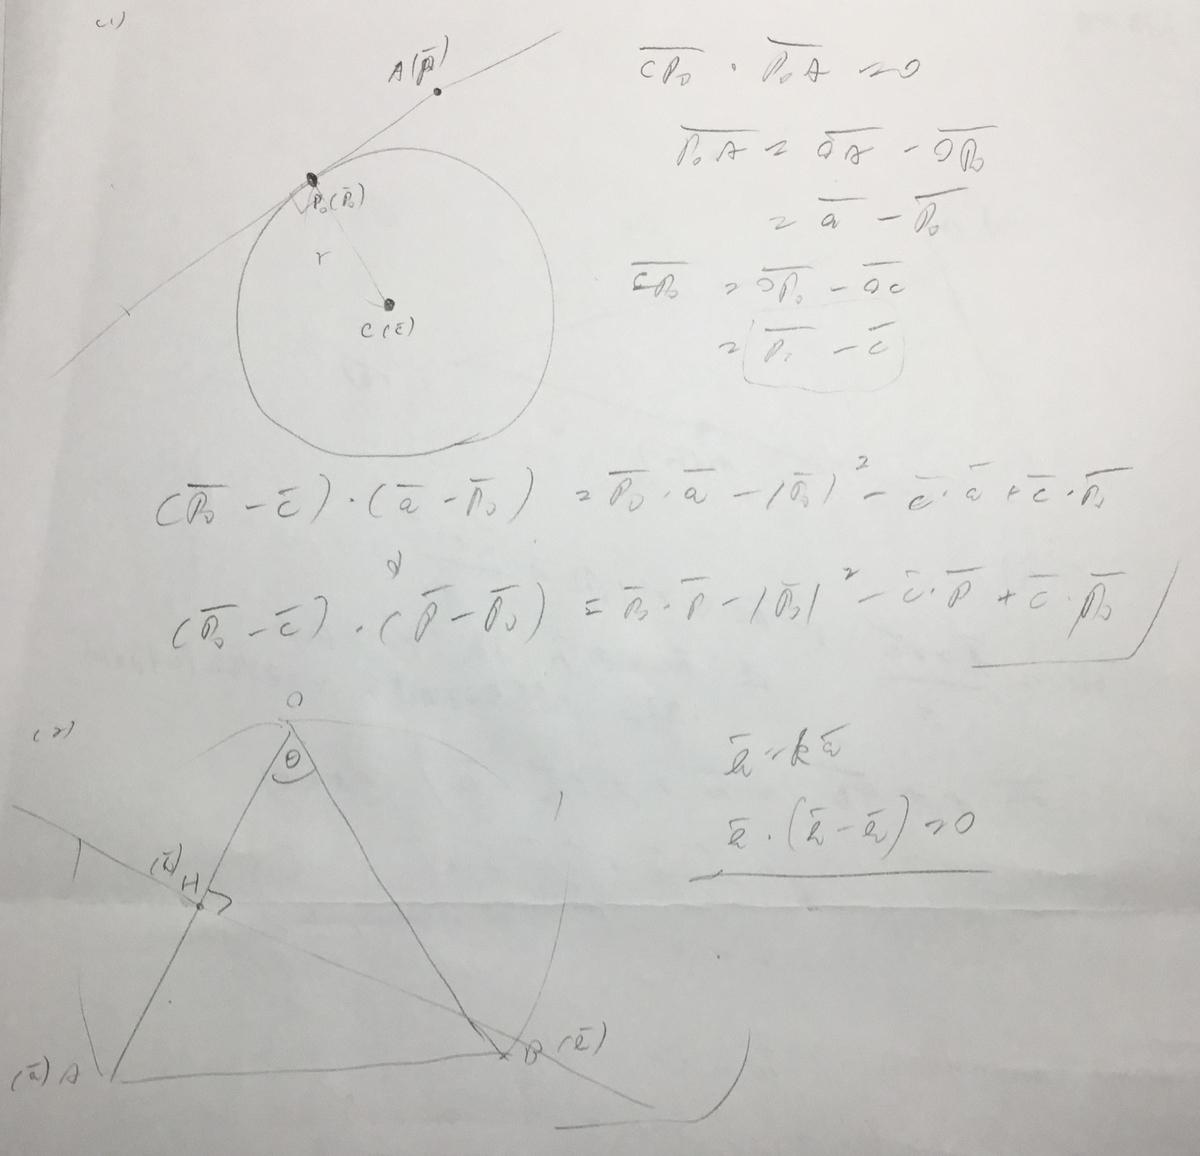 f:id:manaveemath:20200307234934j:plain